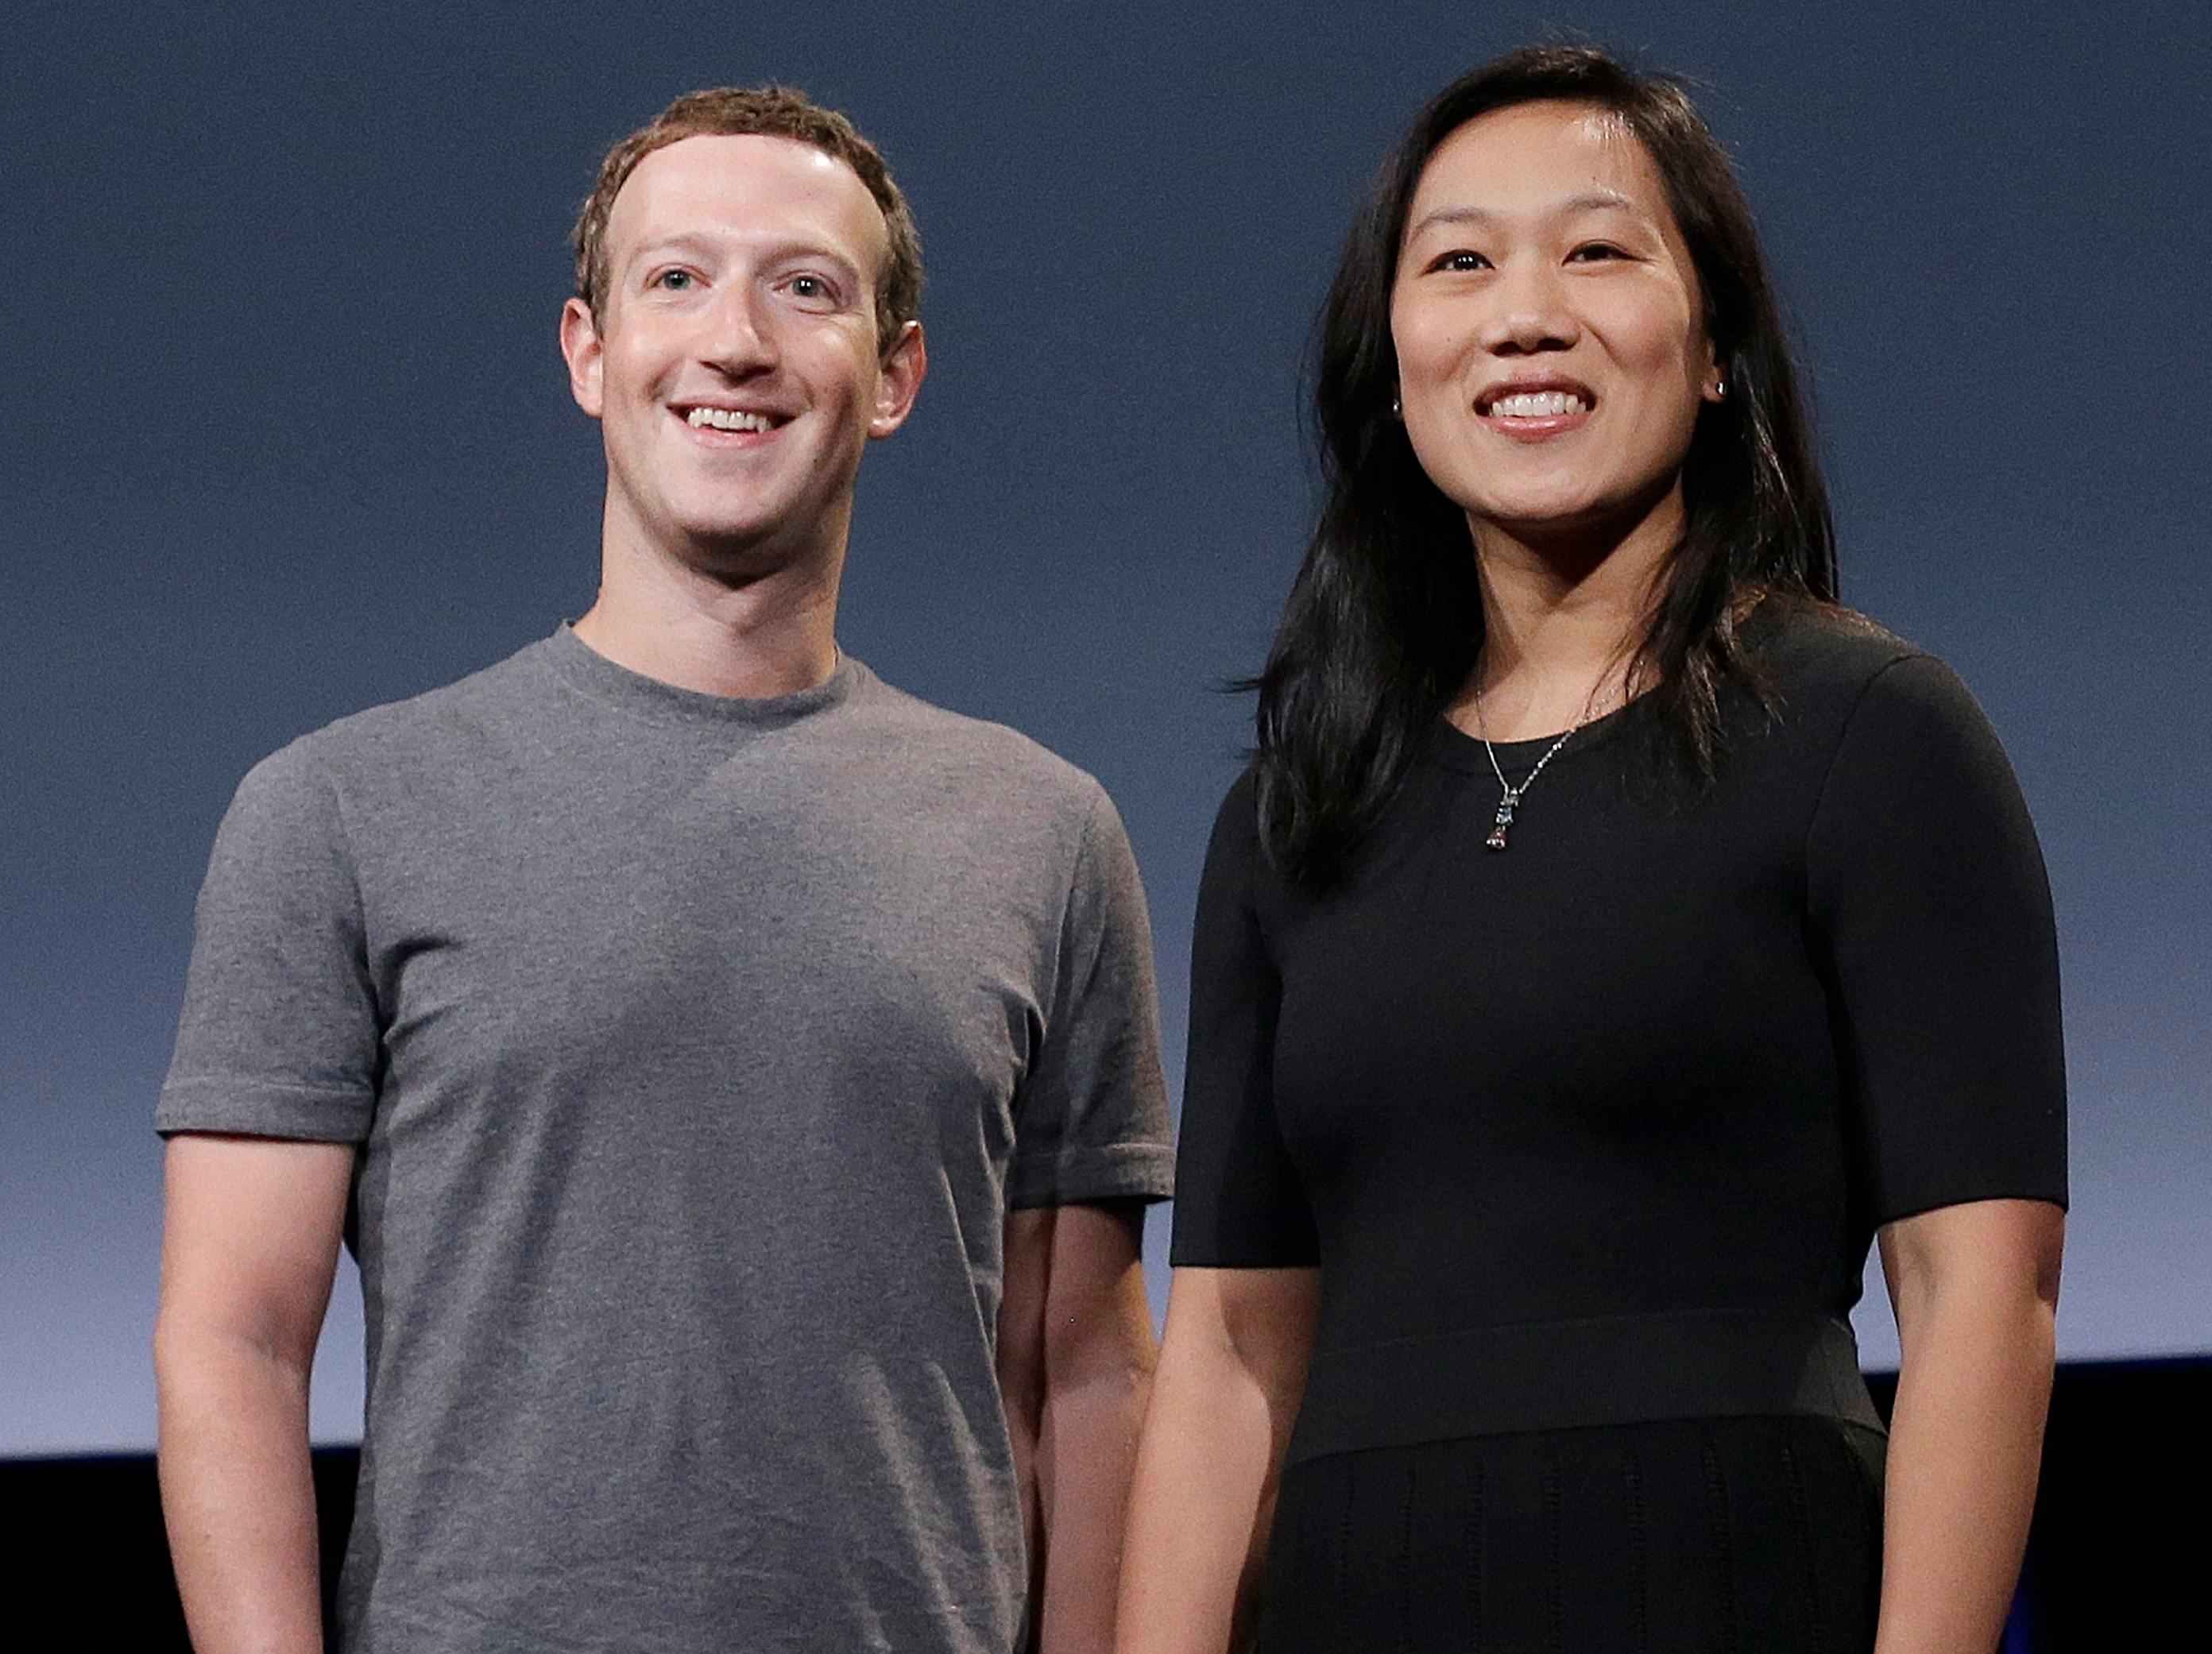 扎克伯格不再重视Facebook,转身投入区块链产业